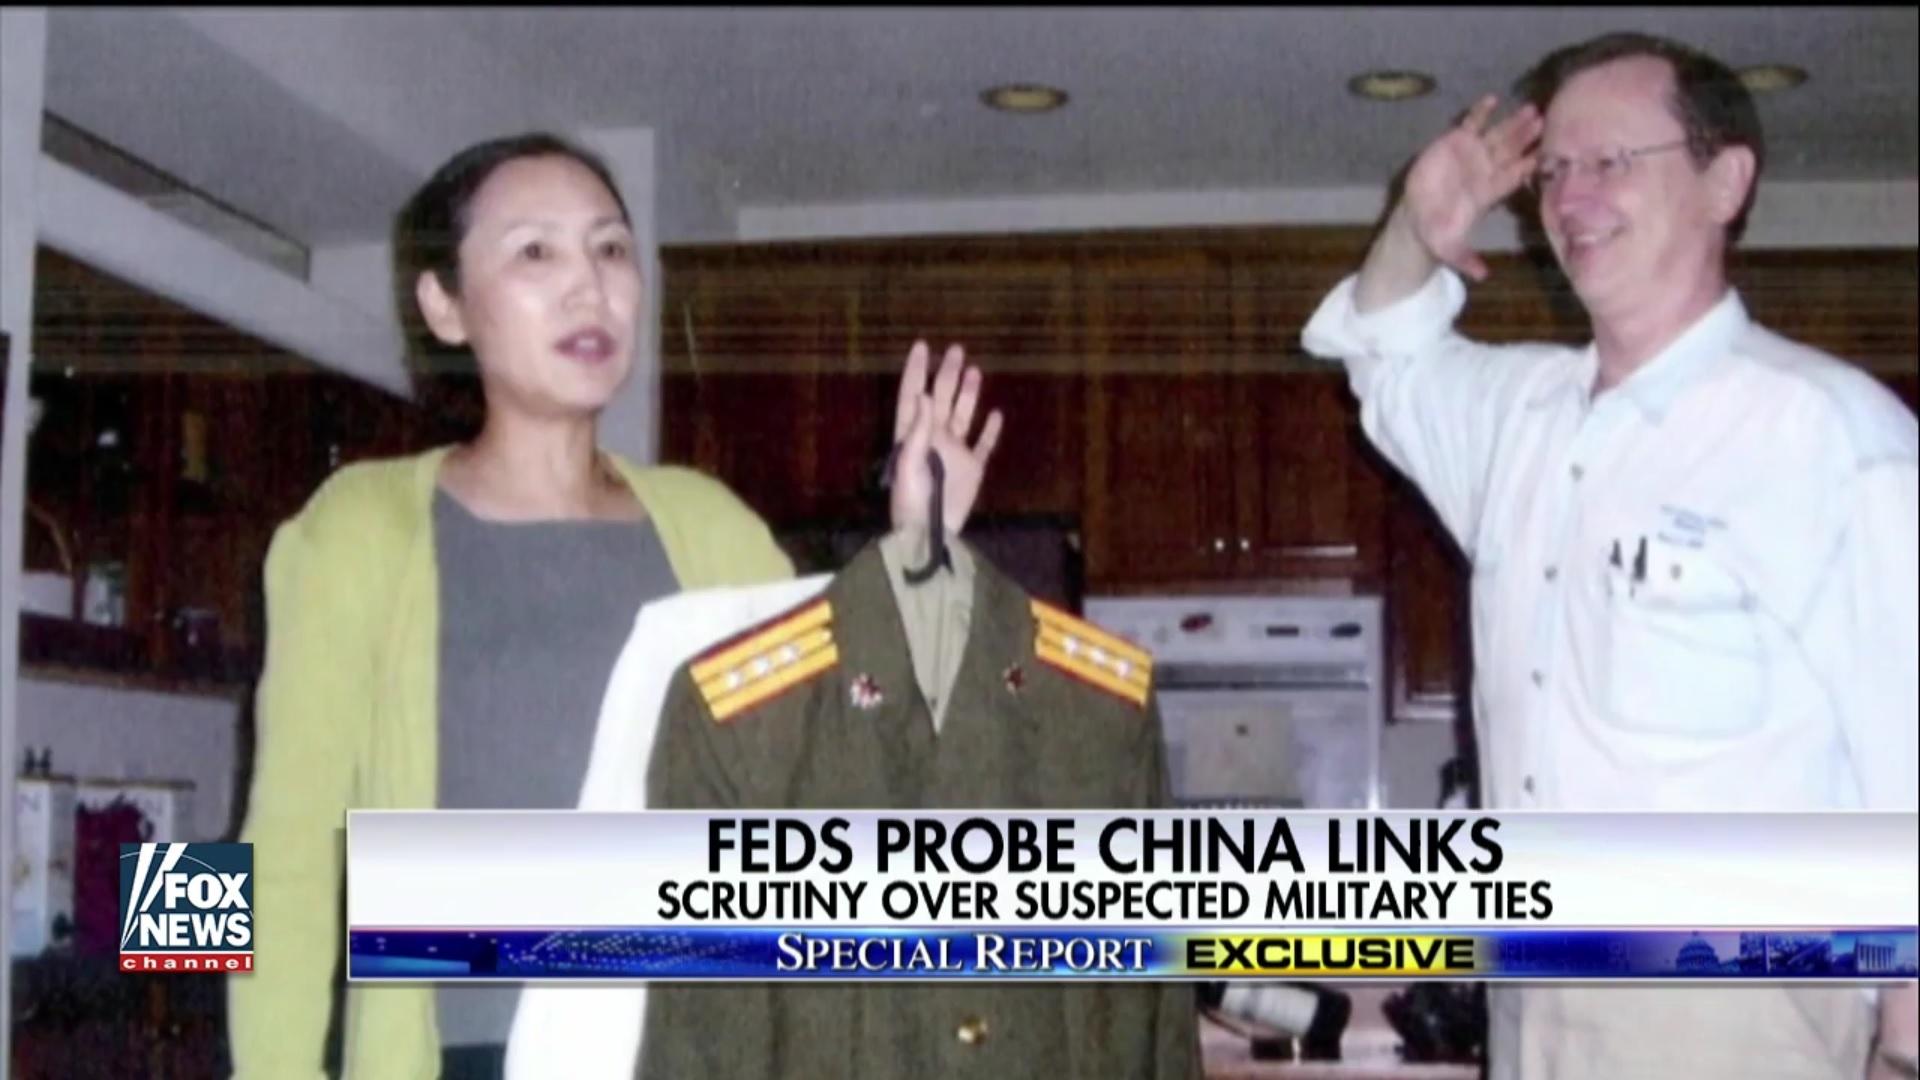 美國維珍尼亞州管理技術大學(UMT)創辦人陳燕平拿著中共軍裝,她的先生弗蘭姆向其行軍禮。(FOX新聞視像擷圖)